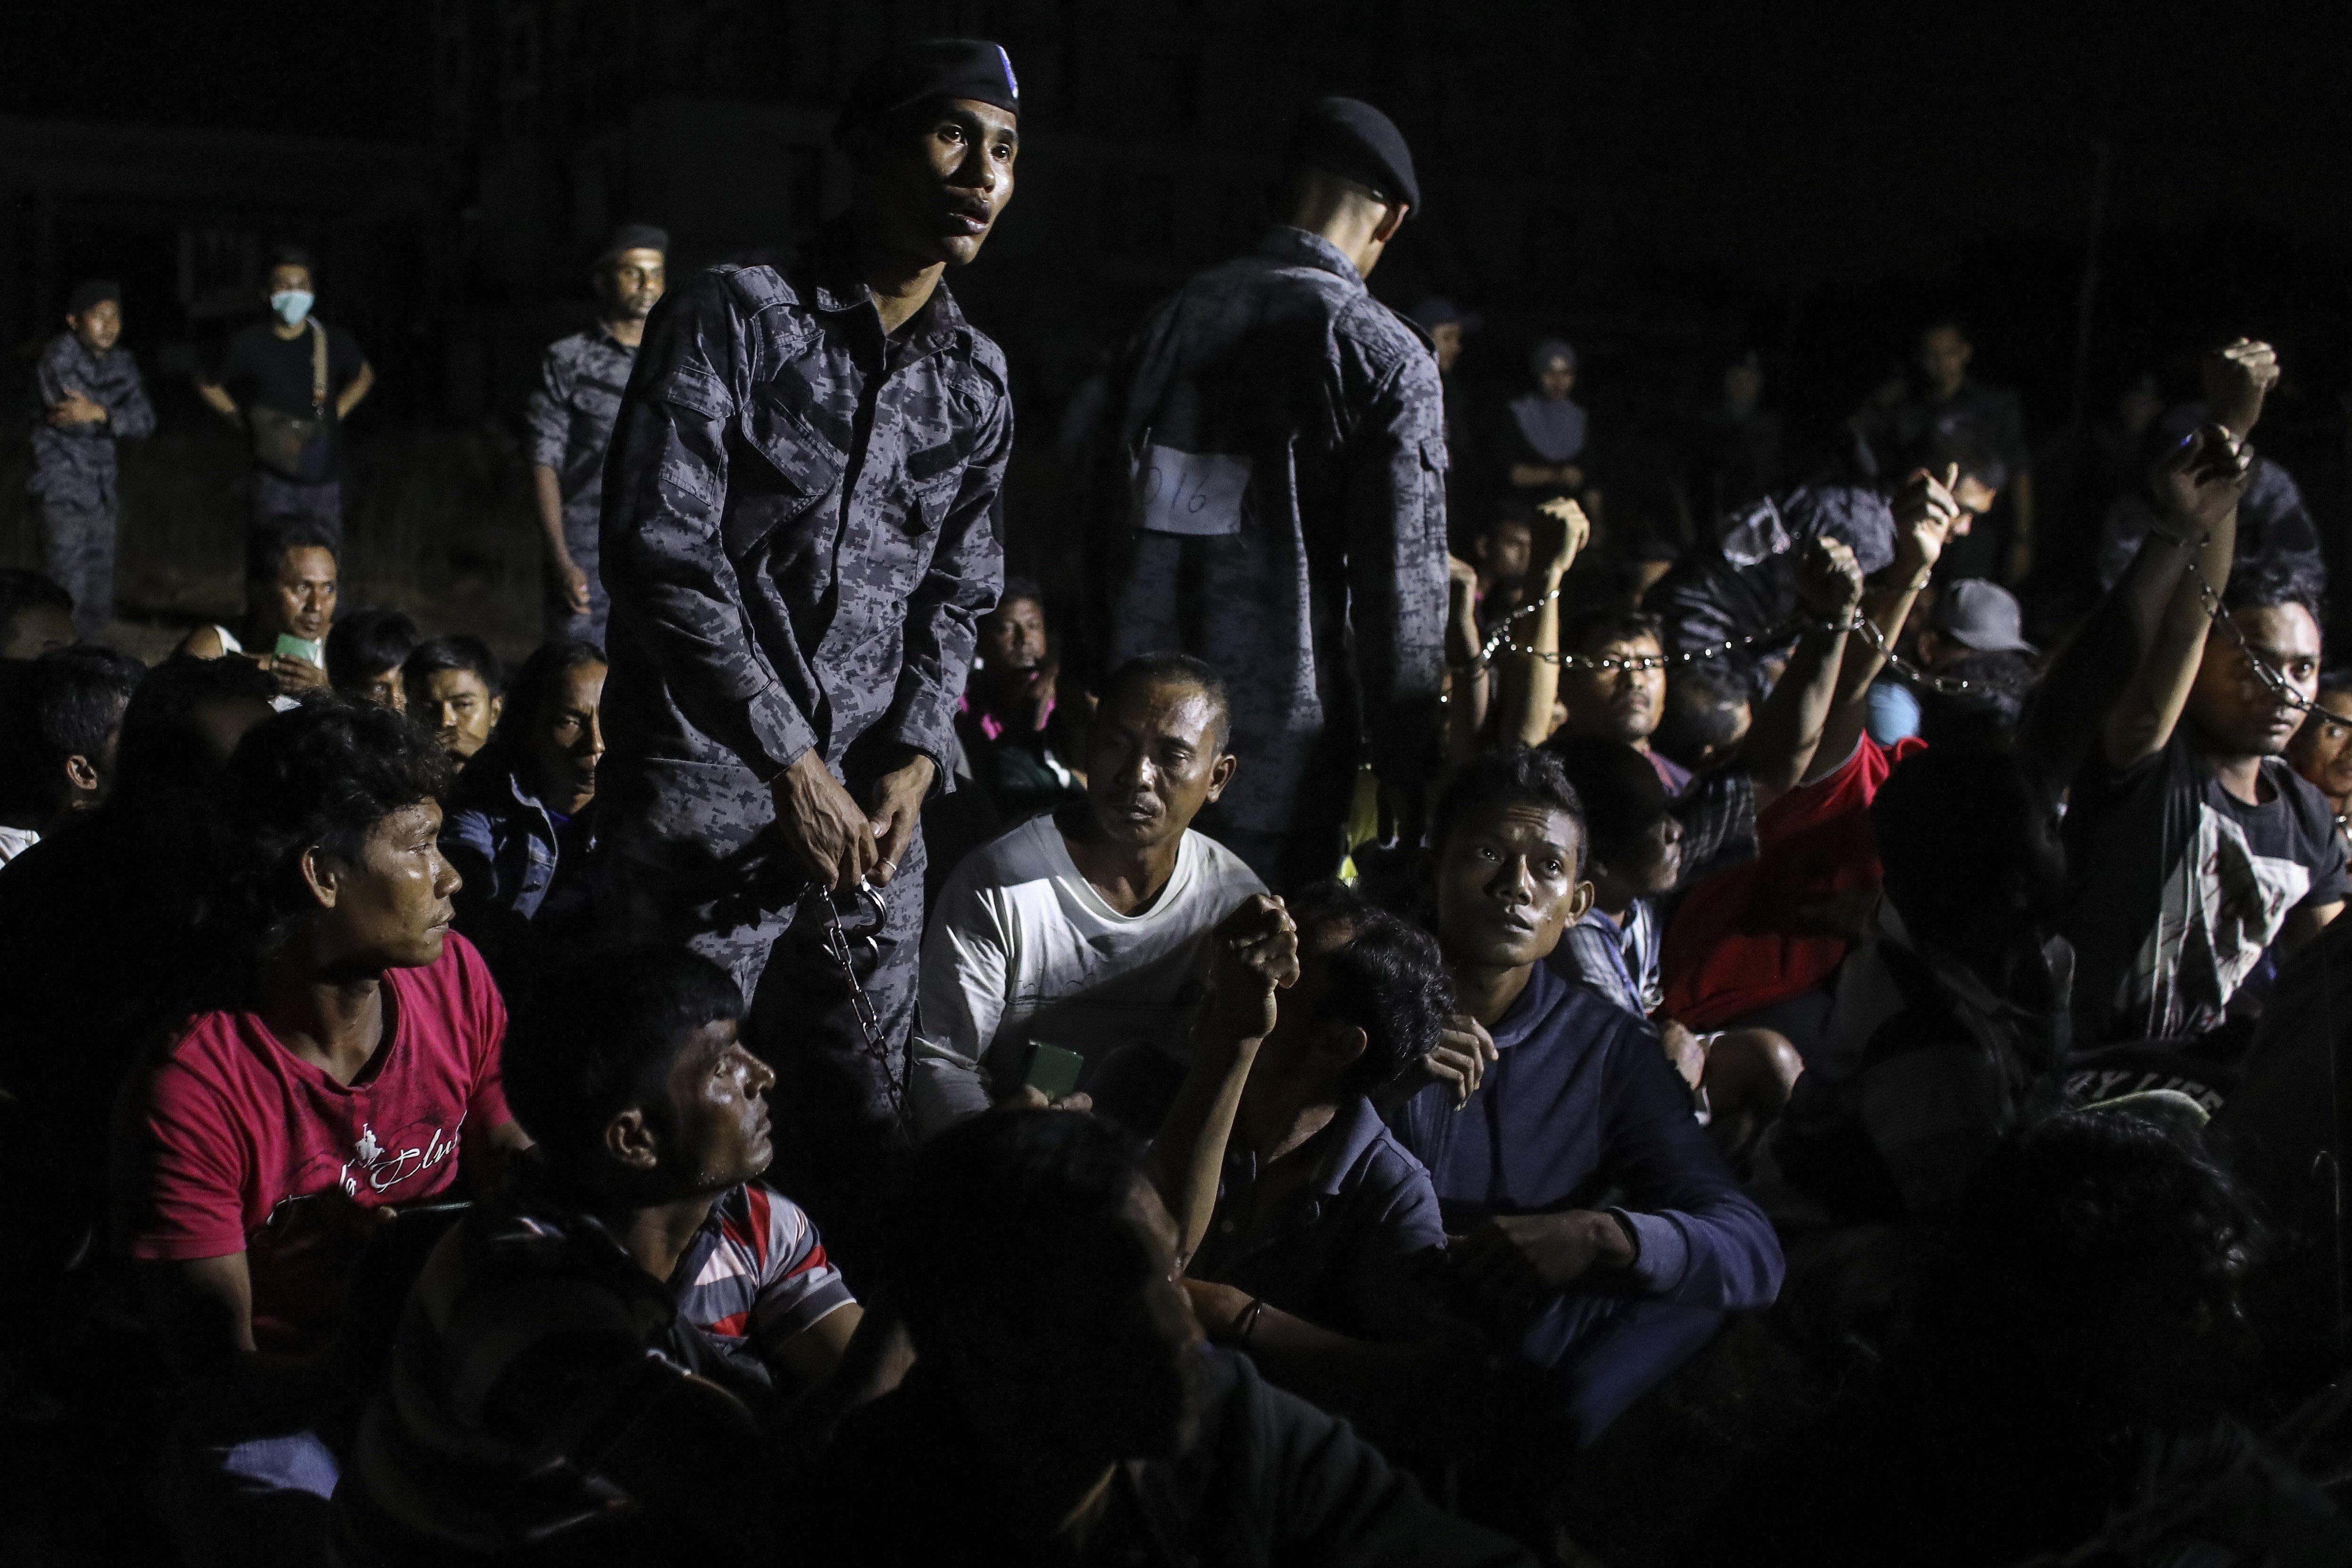 Agents d'immigració emmanillen treballadors indocumentats durant una batuda al port Dickson, Malàisia. /FAZRY ISMAIL